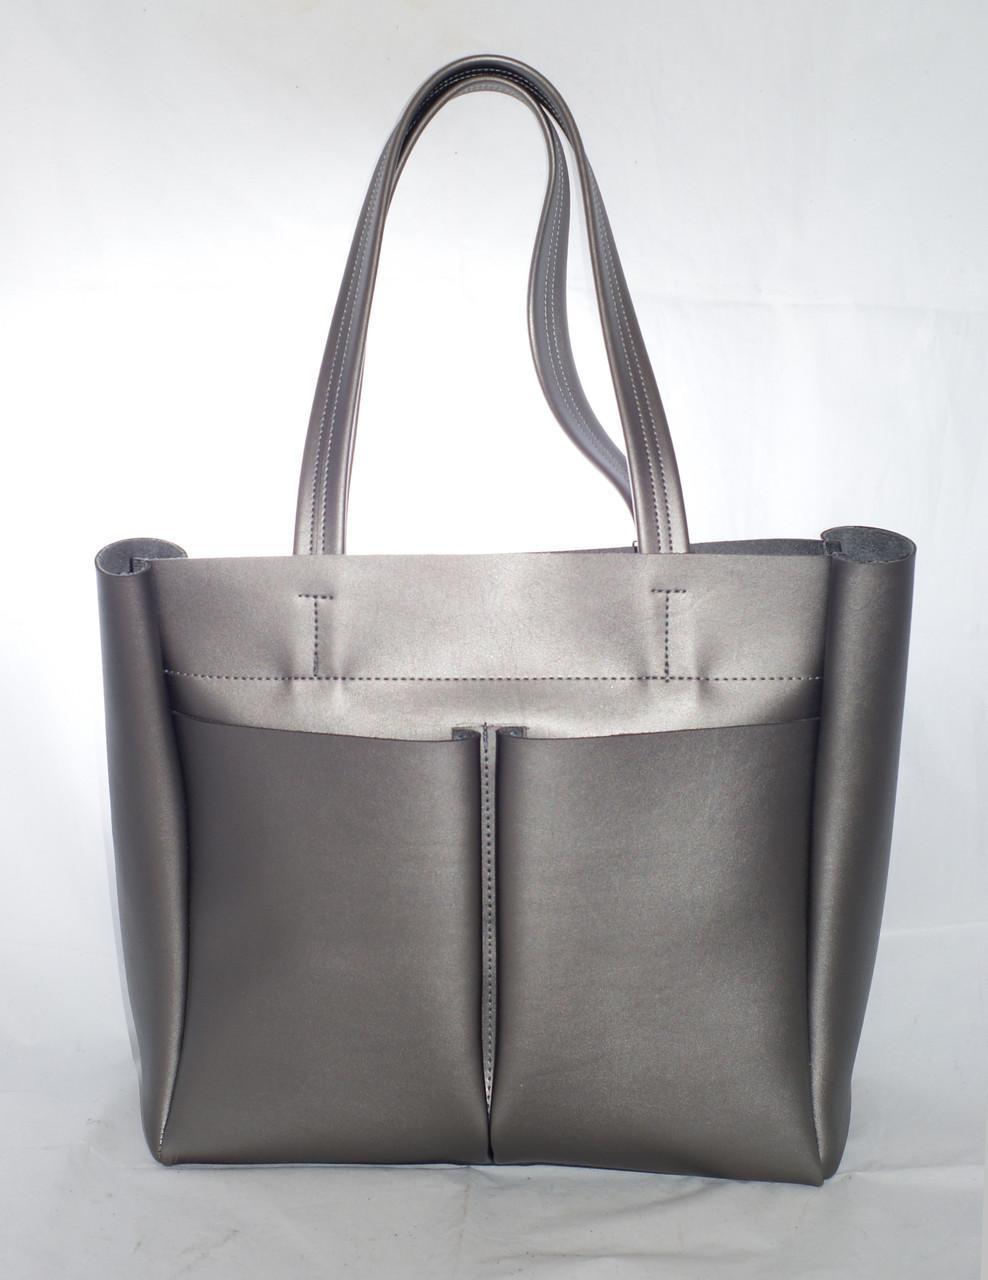 33112cfac8ef Большая женская сумка-шоппер B.Elit, цвет графит (серый), цена 569 ...